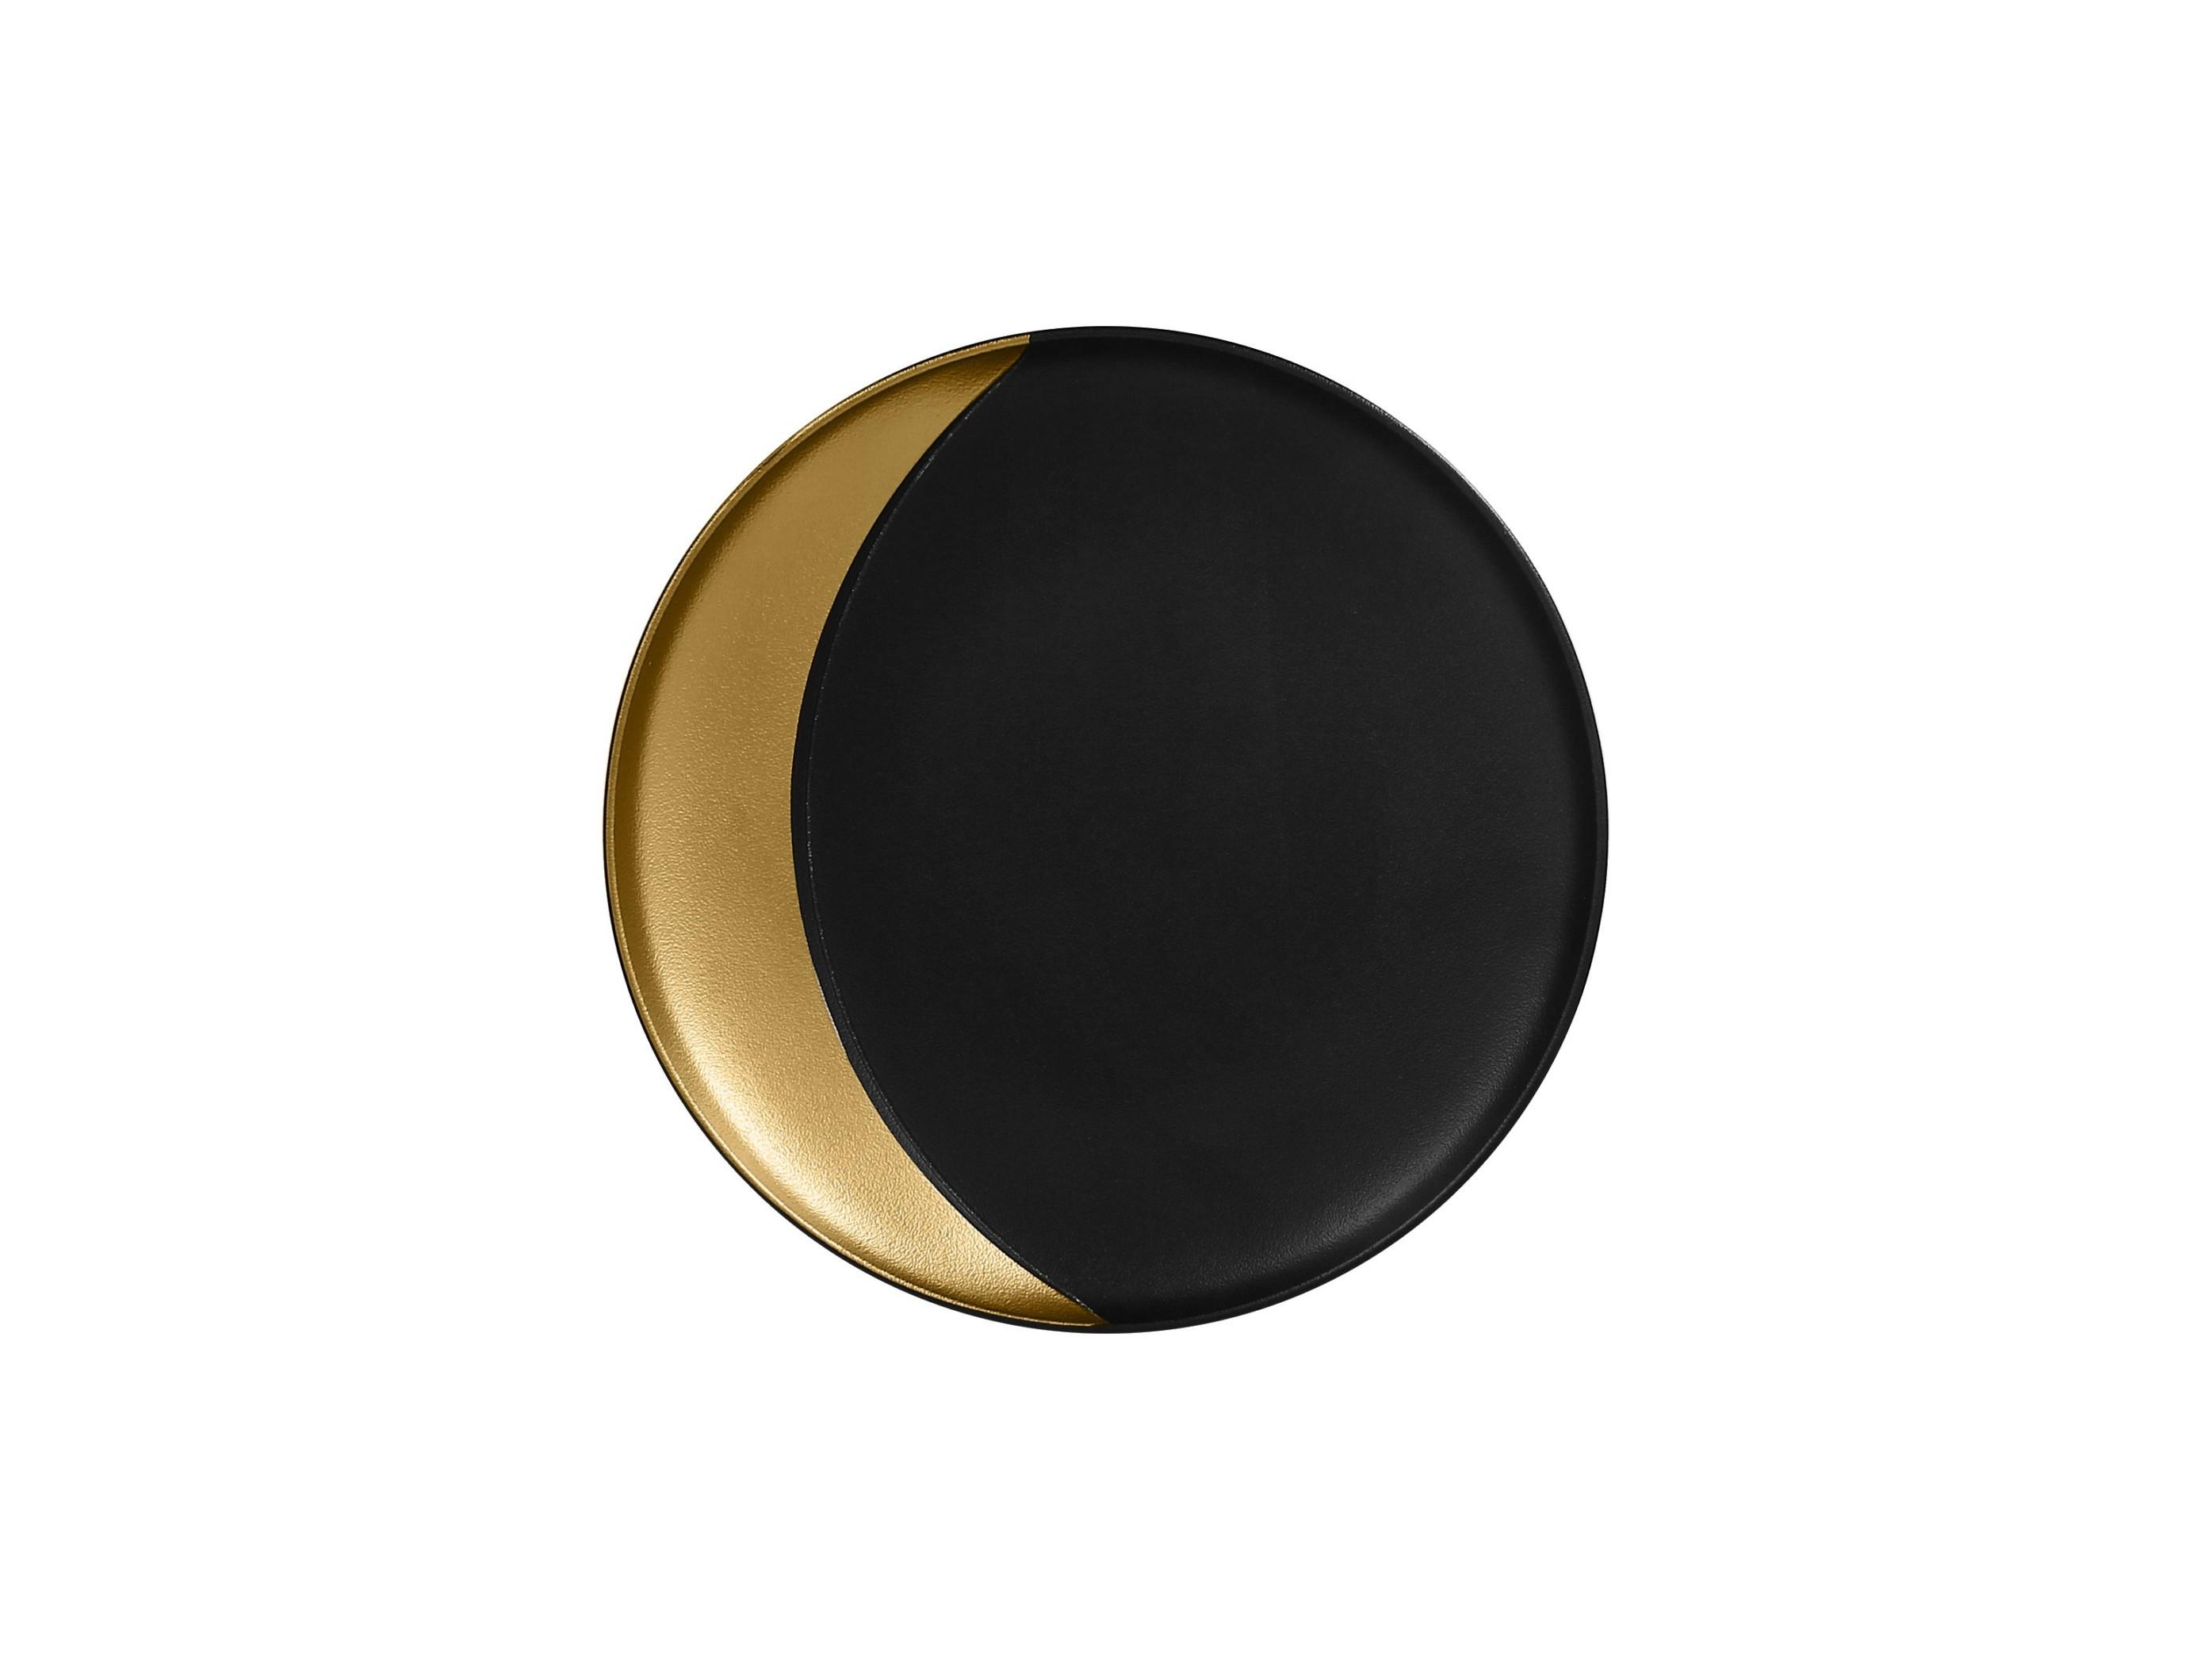 RAK | Metalfusion talíř hluboký pr. 24 cm, černo-zlatý